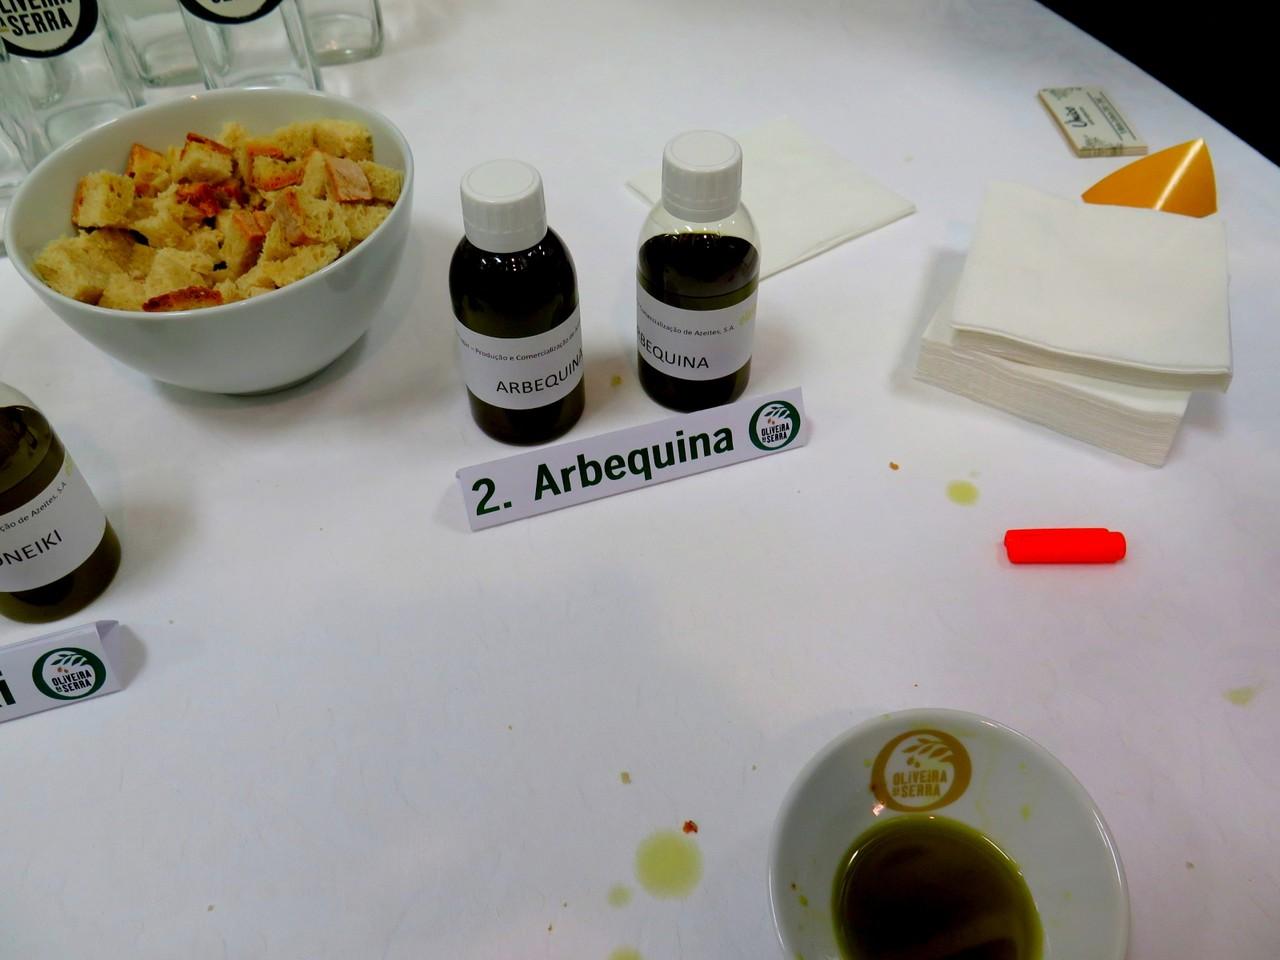 Amostra da variedade Arbequina